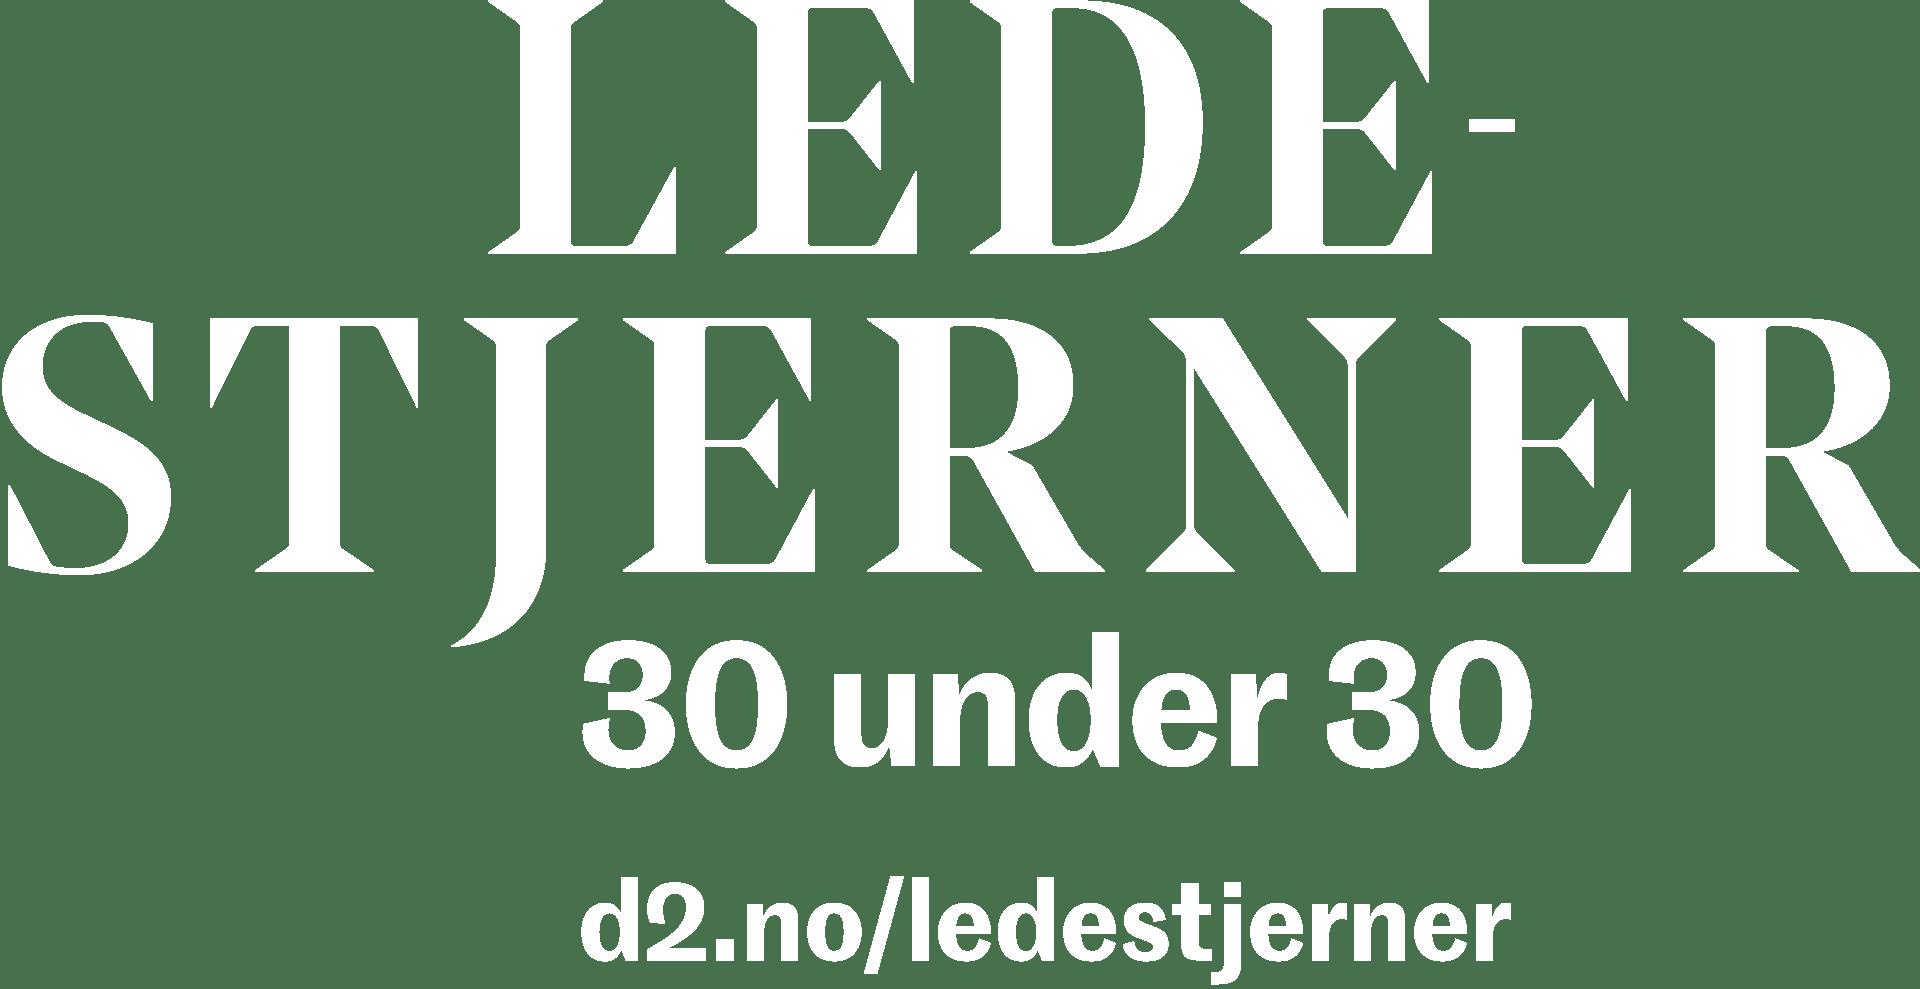 Ledestjerne-logo.png